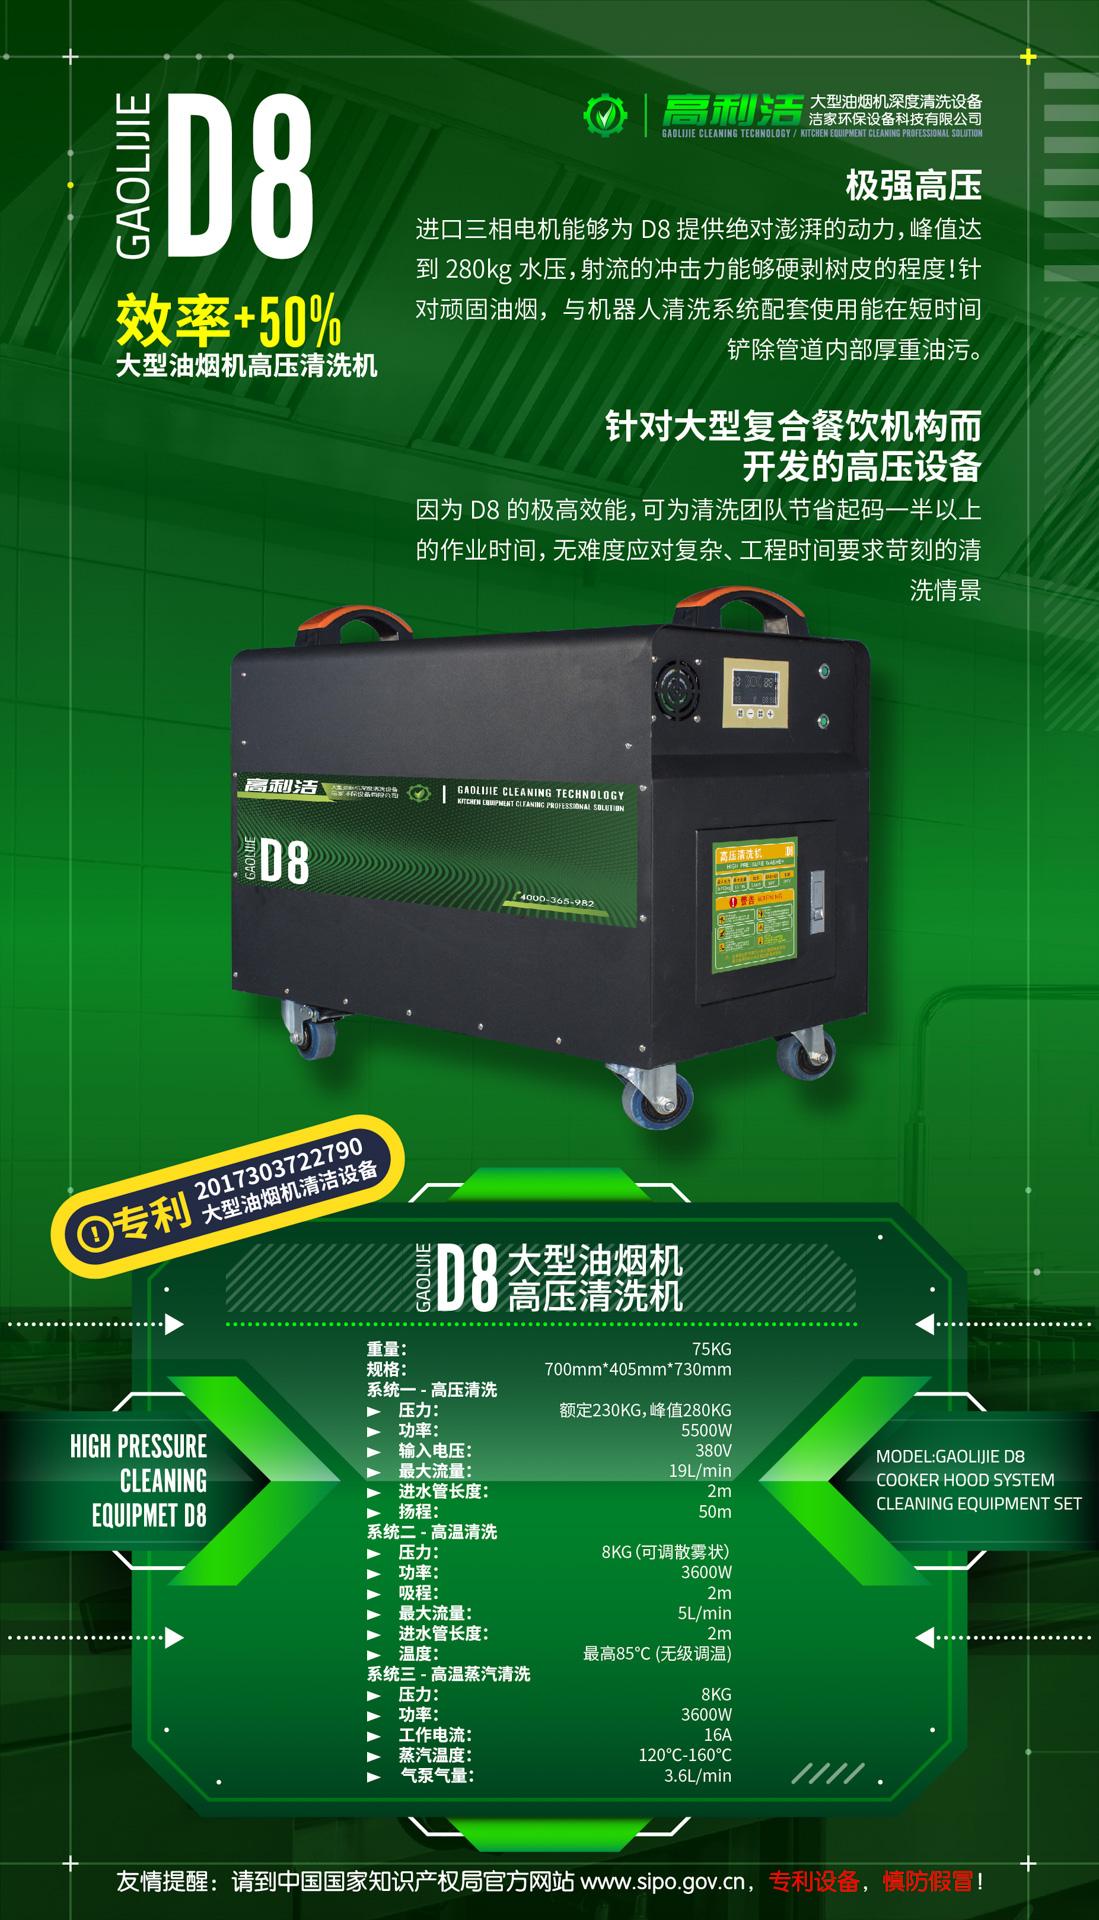 大型油烟机高压高温蒸汽清洗机